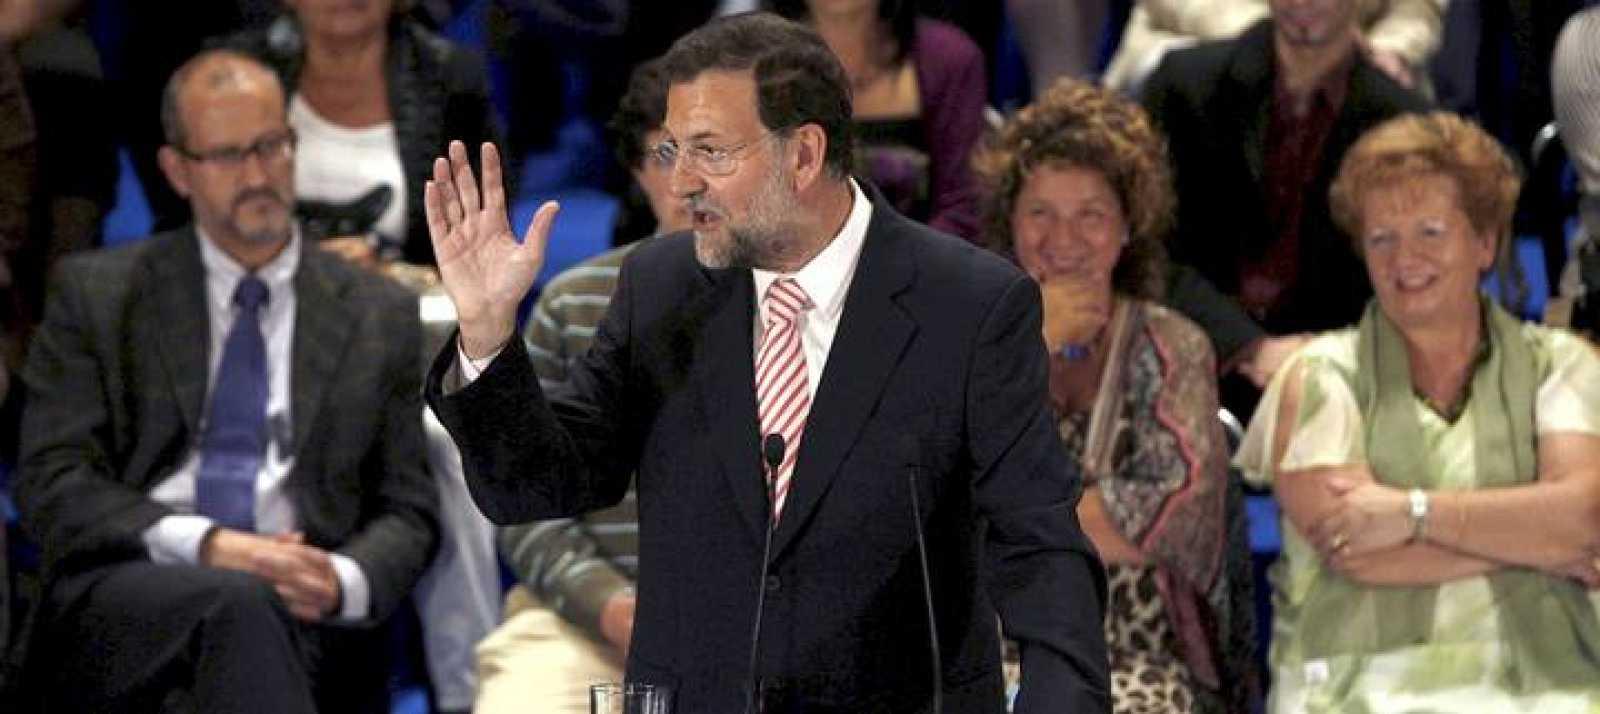 El presidente del Partido Popular, Mariano Rajoy, durante el discurso que ha pronunciado n Bilbao en el acto de entrega de carnés del partido a 107 nuevos afiliados a esta formación en el País Vasco